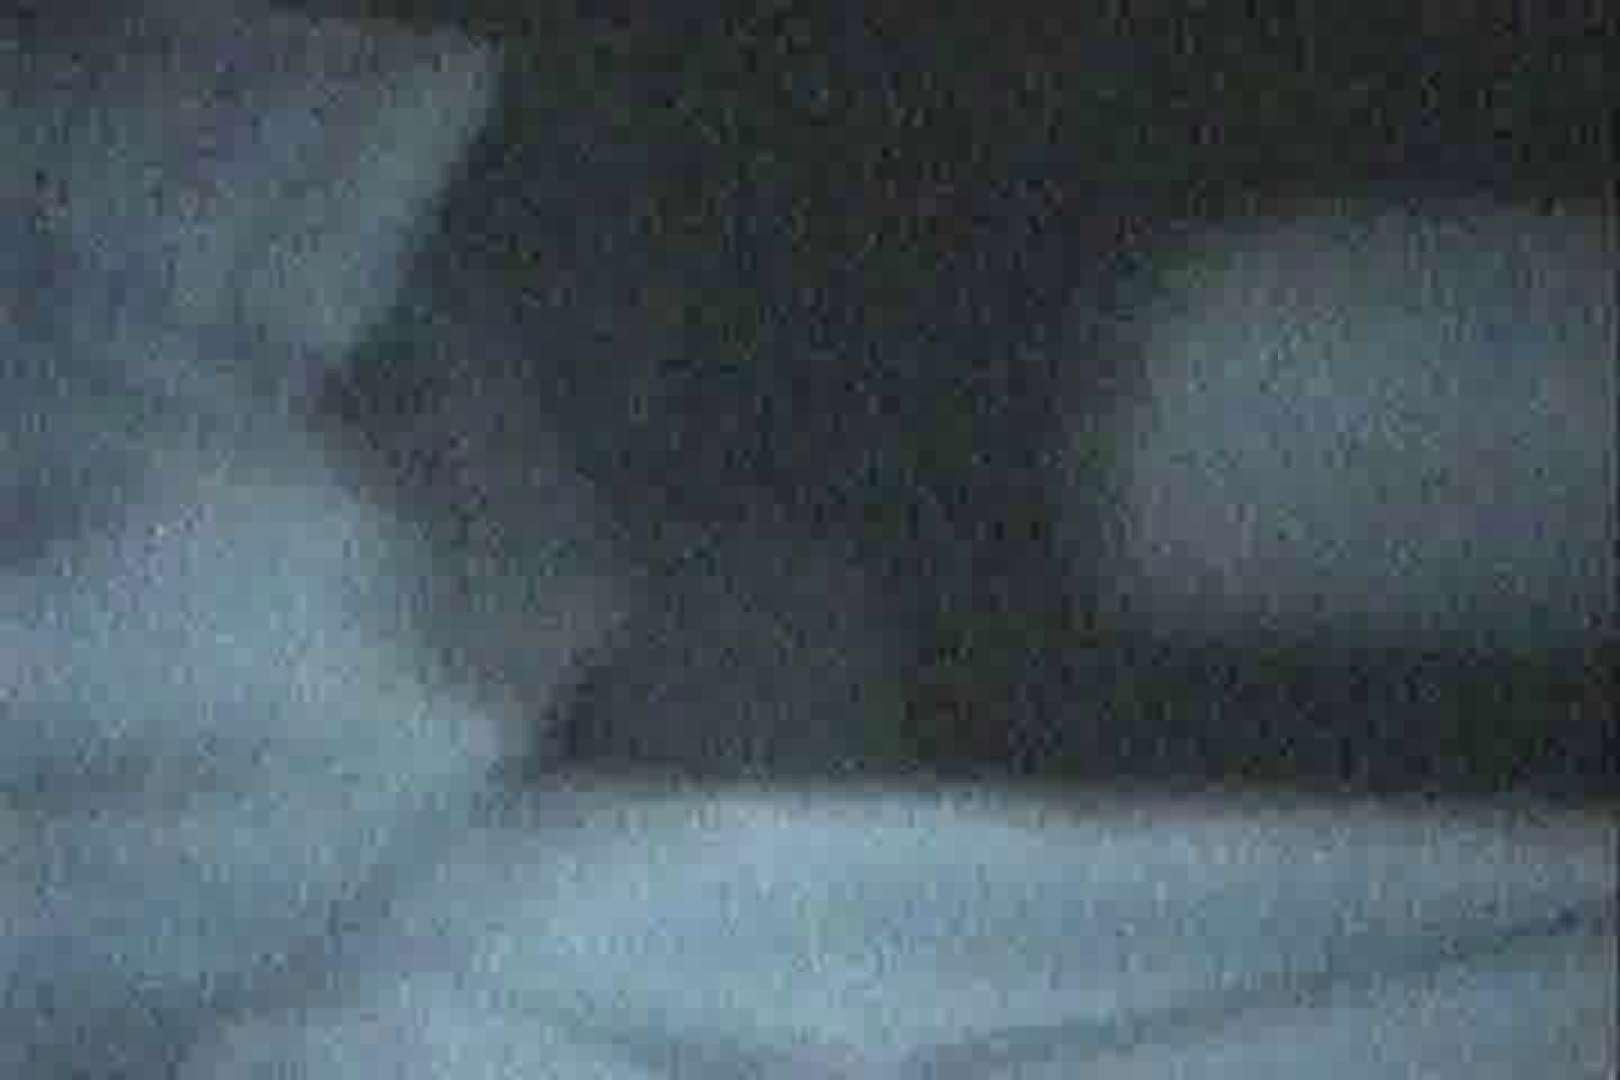 充血監督の深夜の運動会Vol.14 お尻 | カップルもろsex  106PICs 37